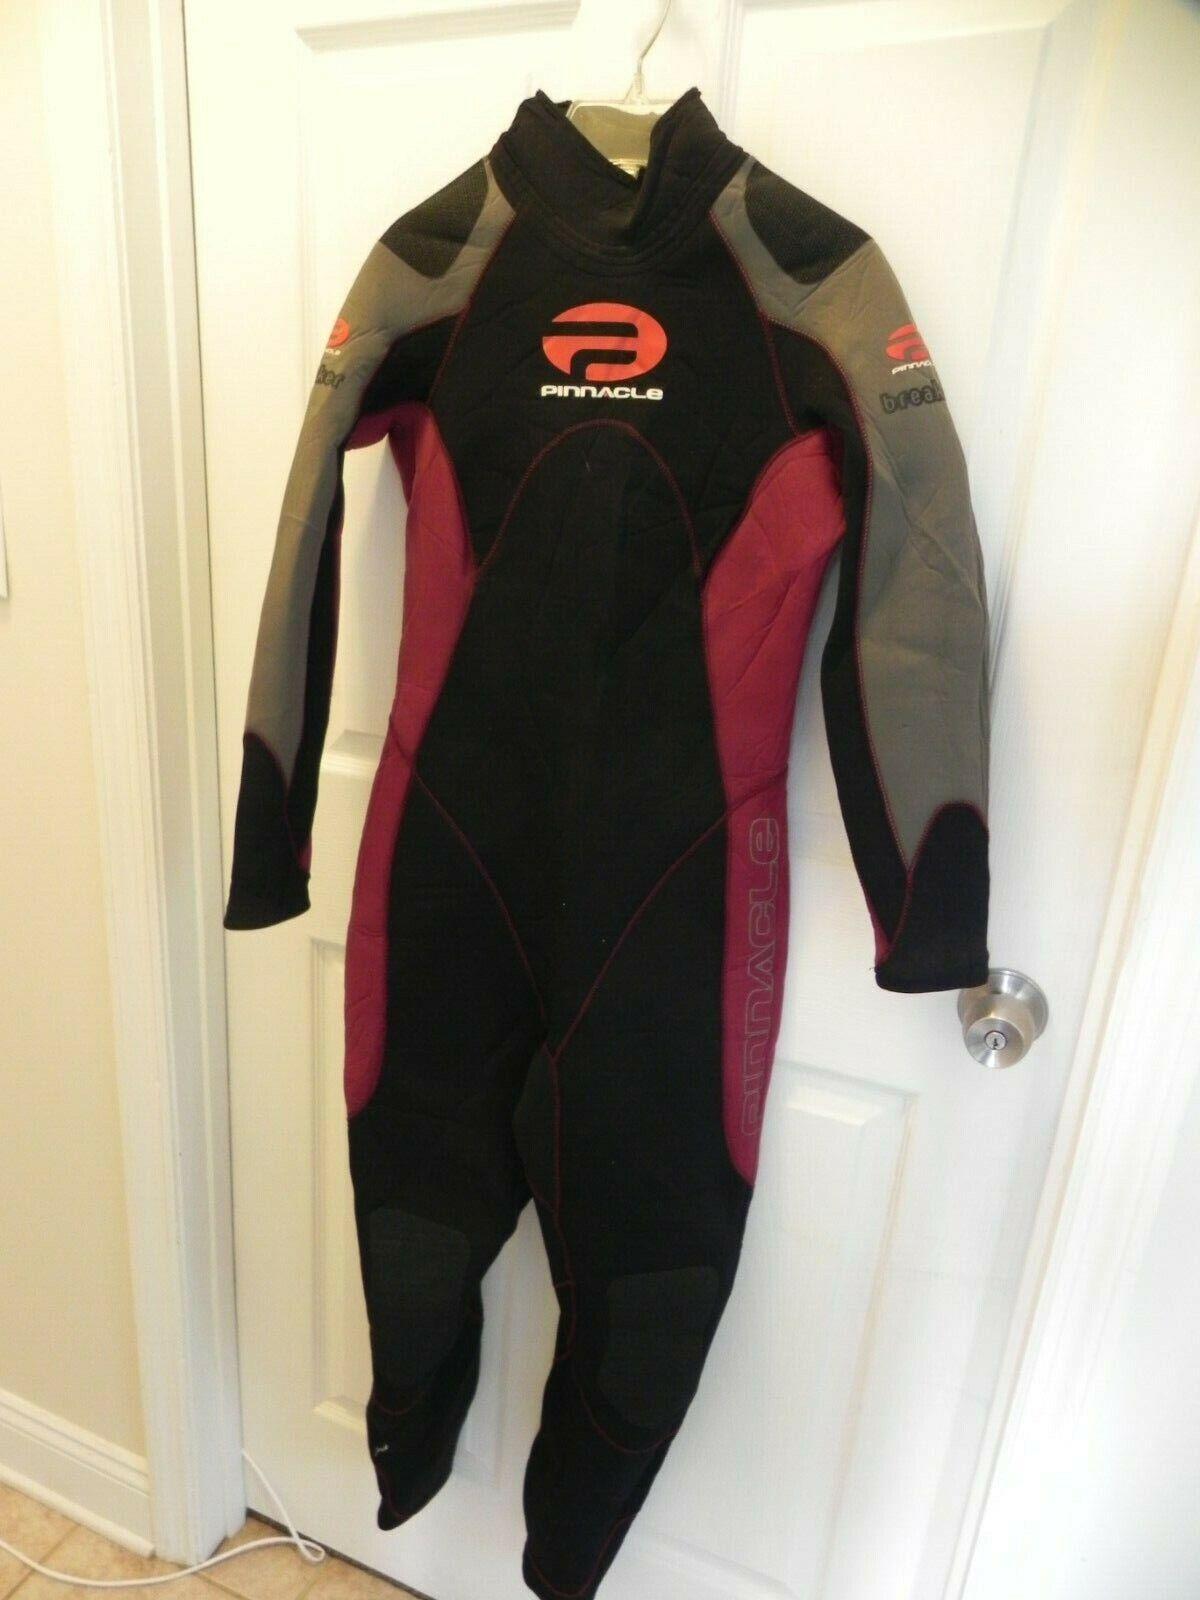 Pinnacle Breaker Wet  Suit Size M LG  D0273  quick answers